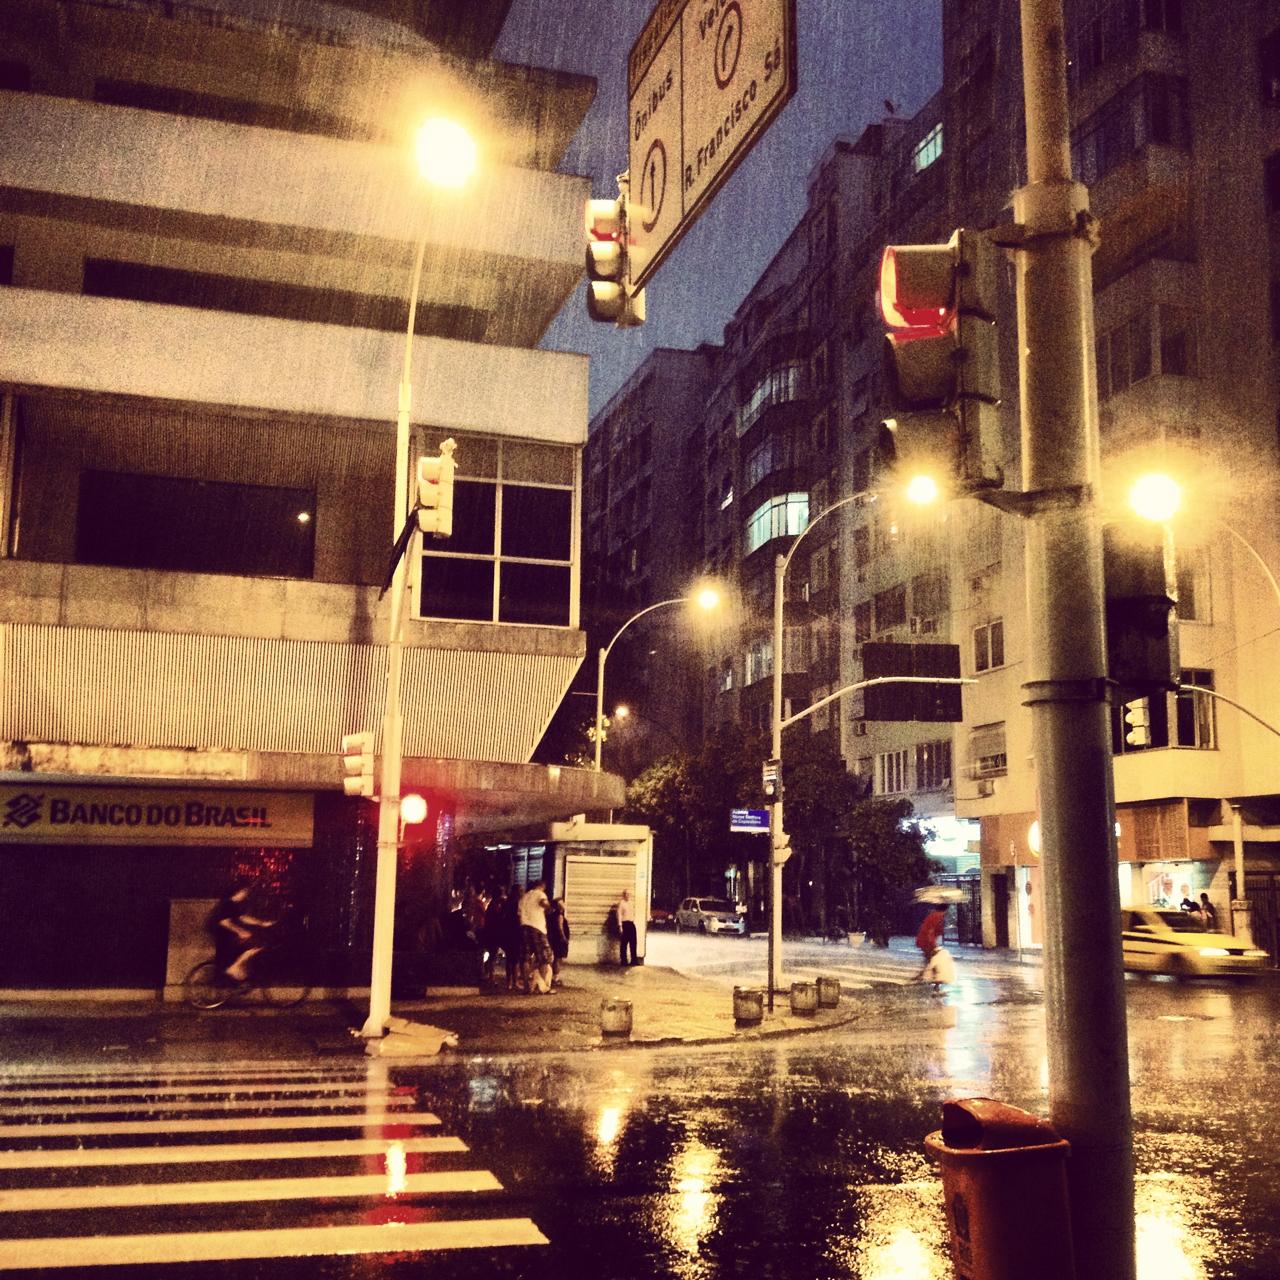 Chuva em Copacabana!